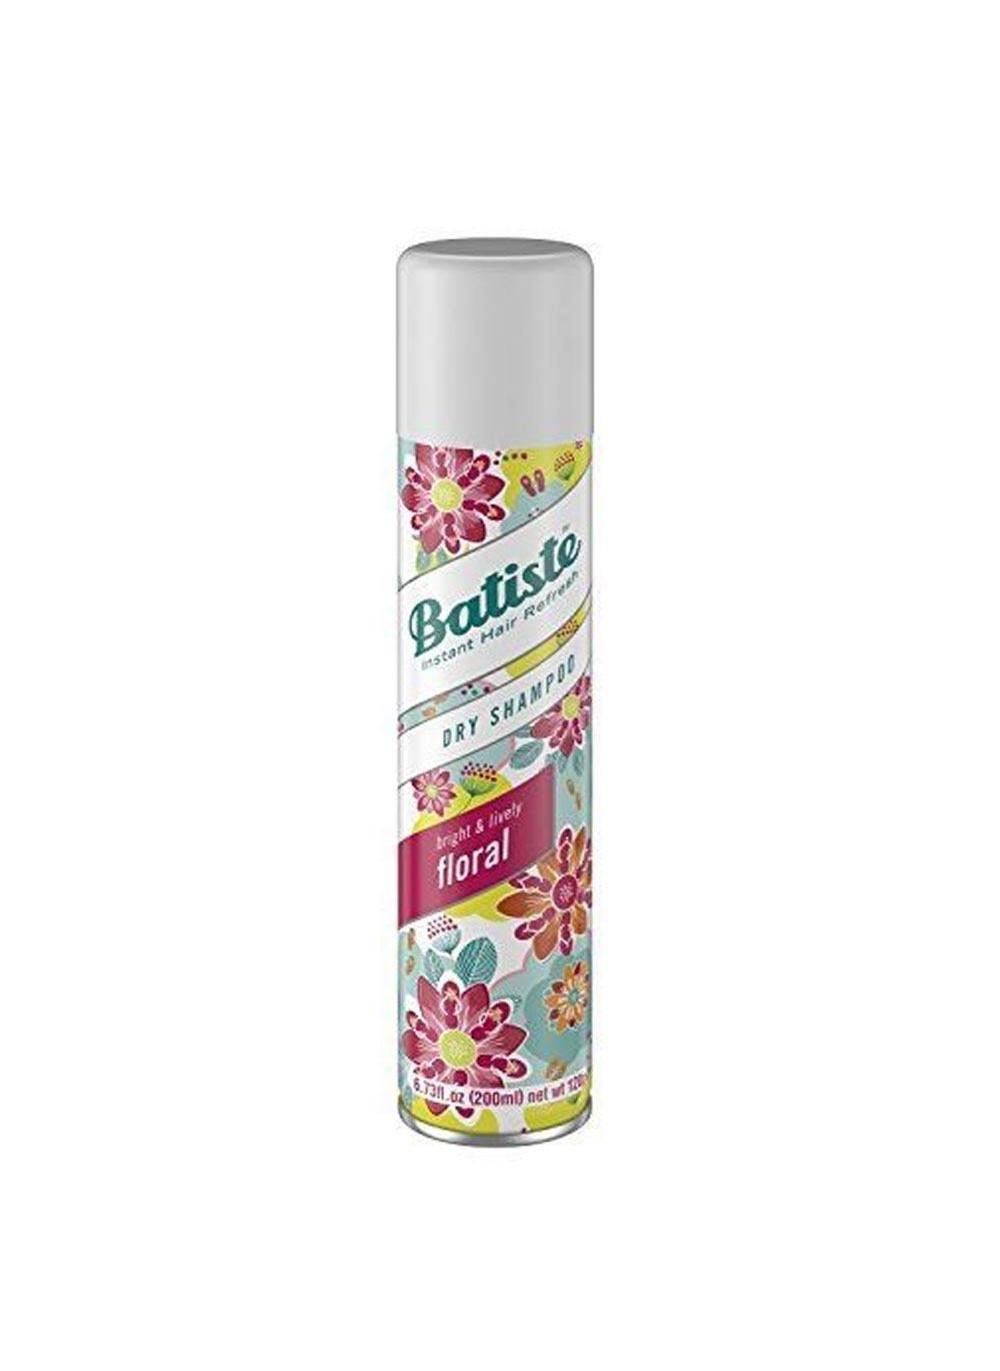 Kadın Batista Batiste Dry Shampoo Floral 200ml